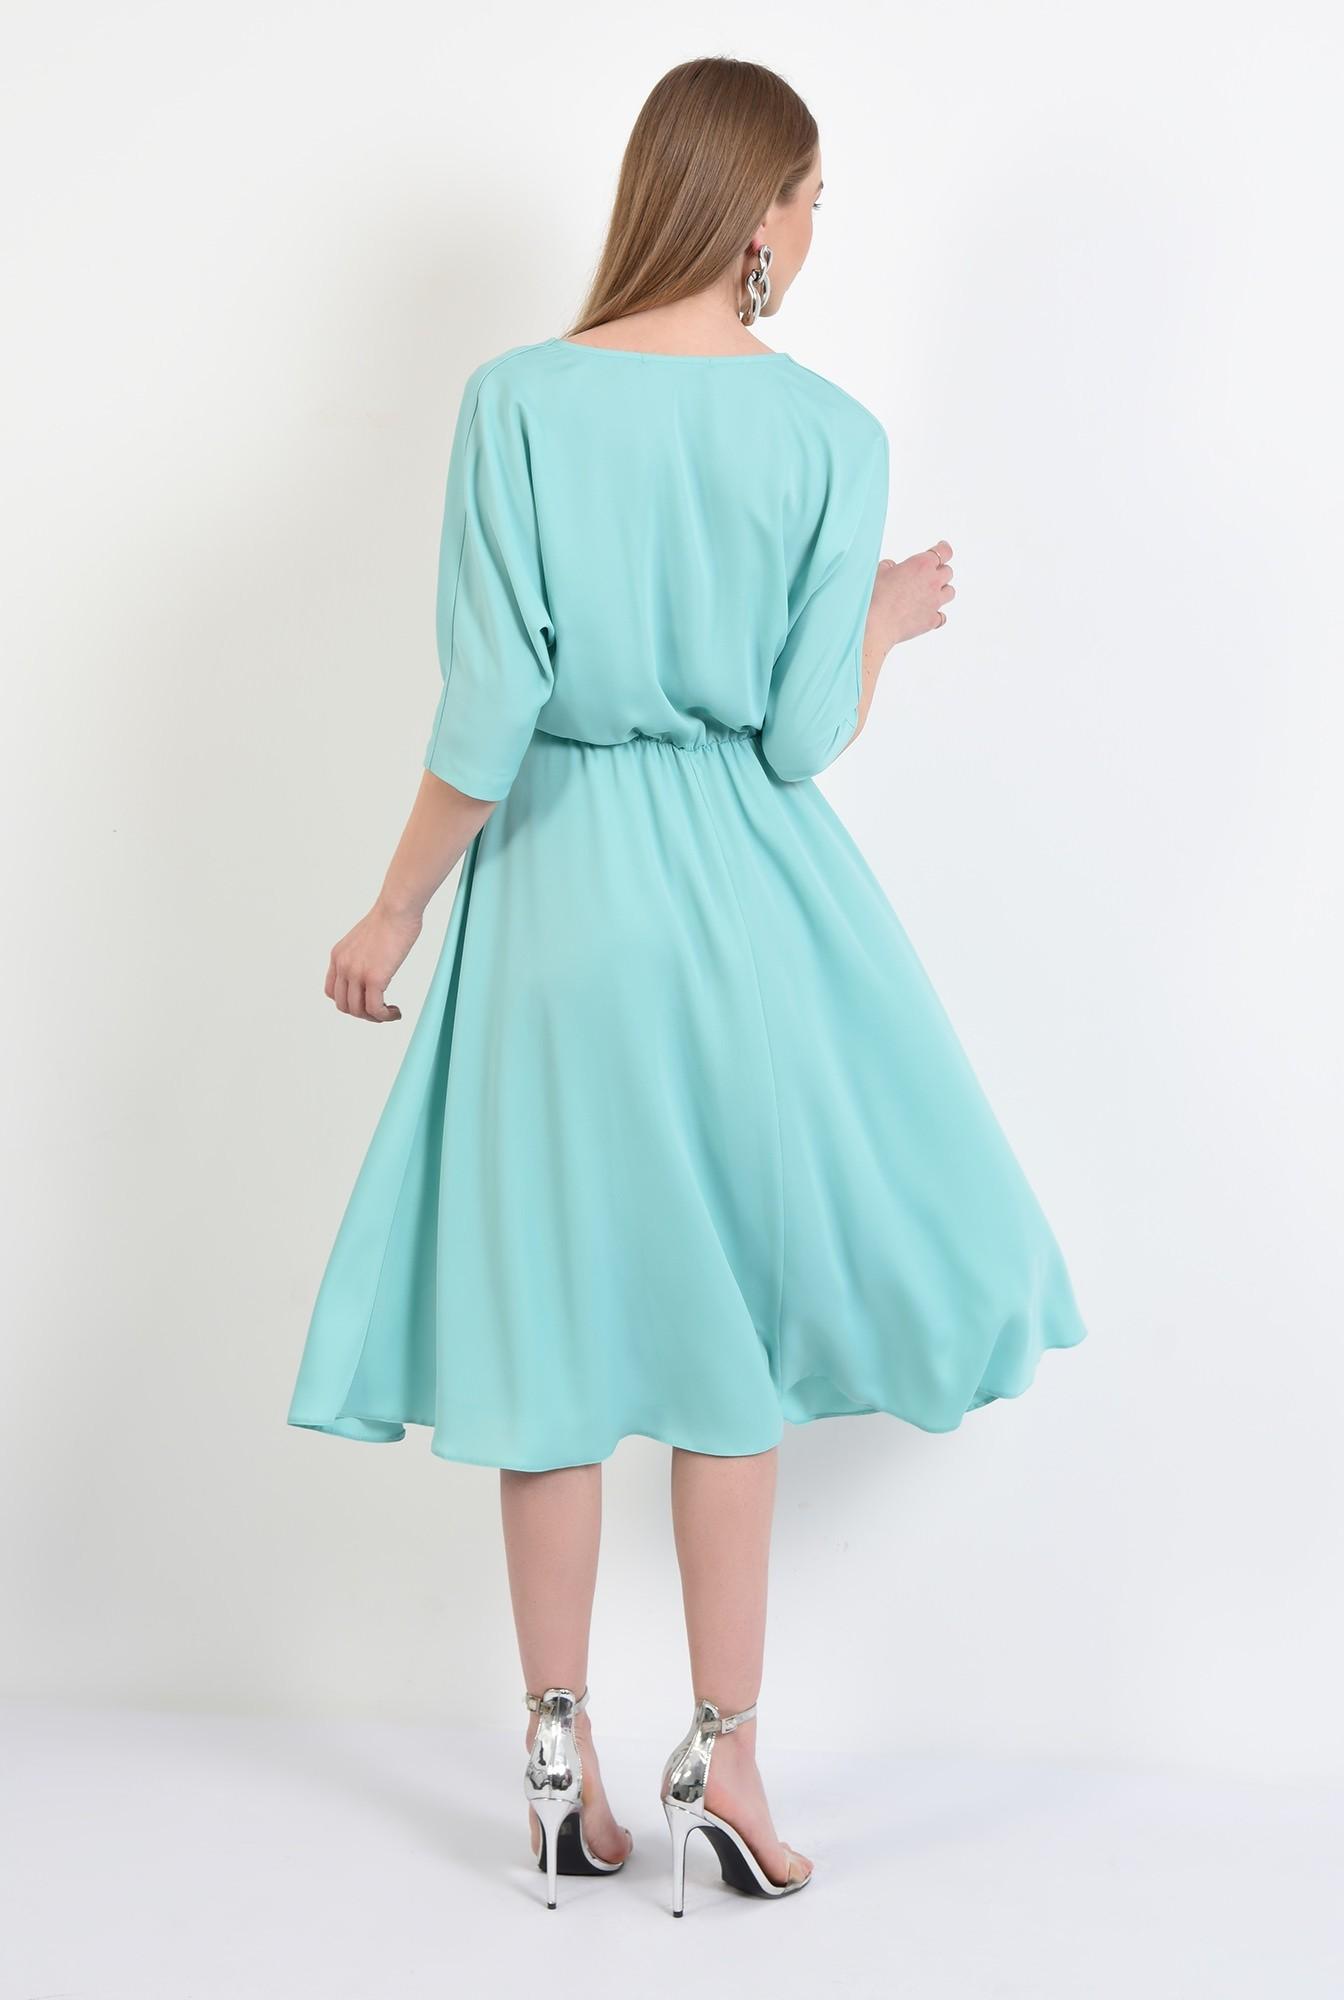 1 - 360 - rochie eleganta, midi, evazata, maneci liliac, anchior, Poema